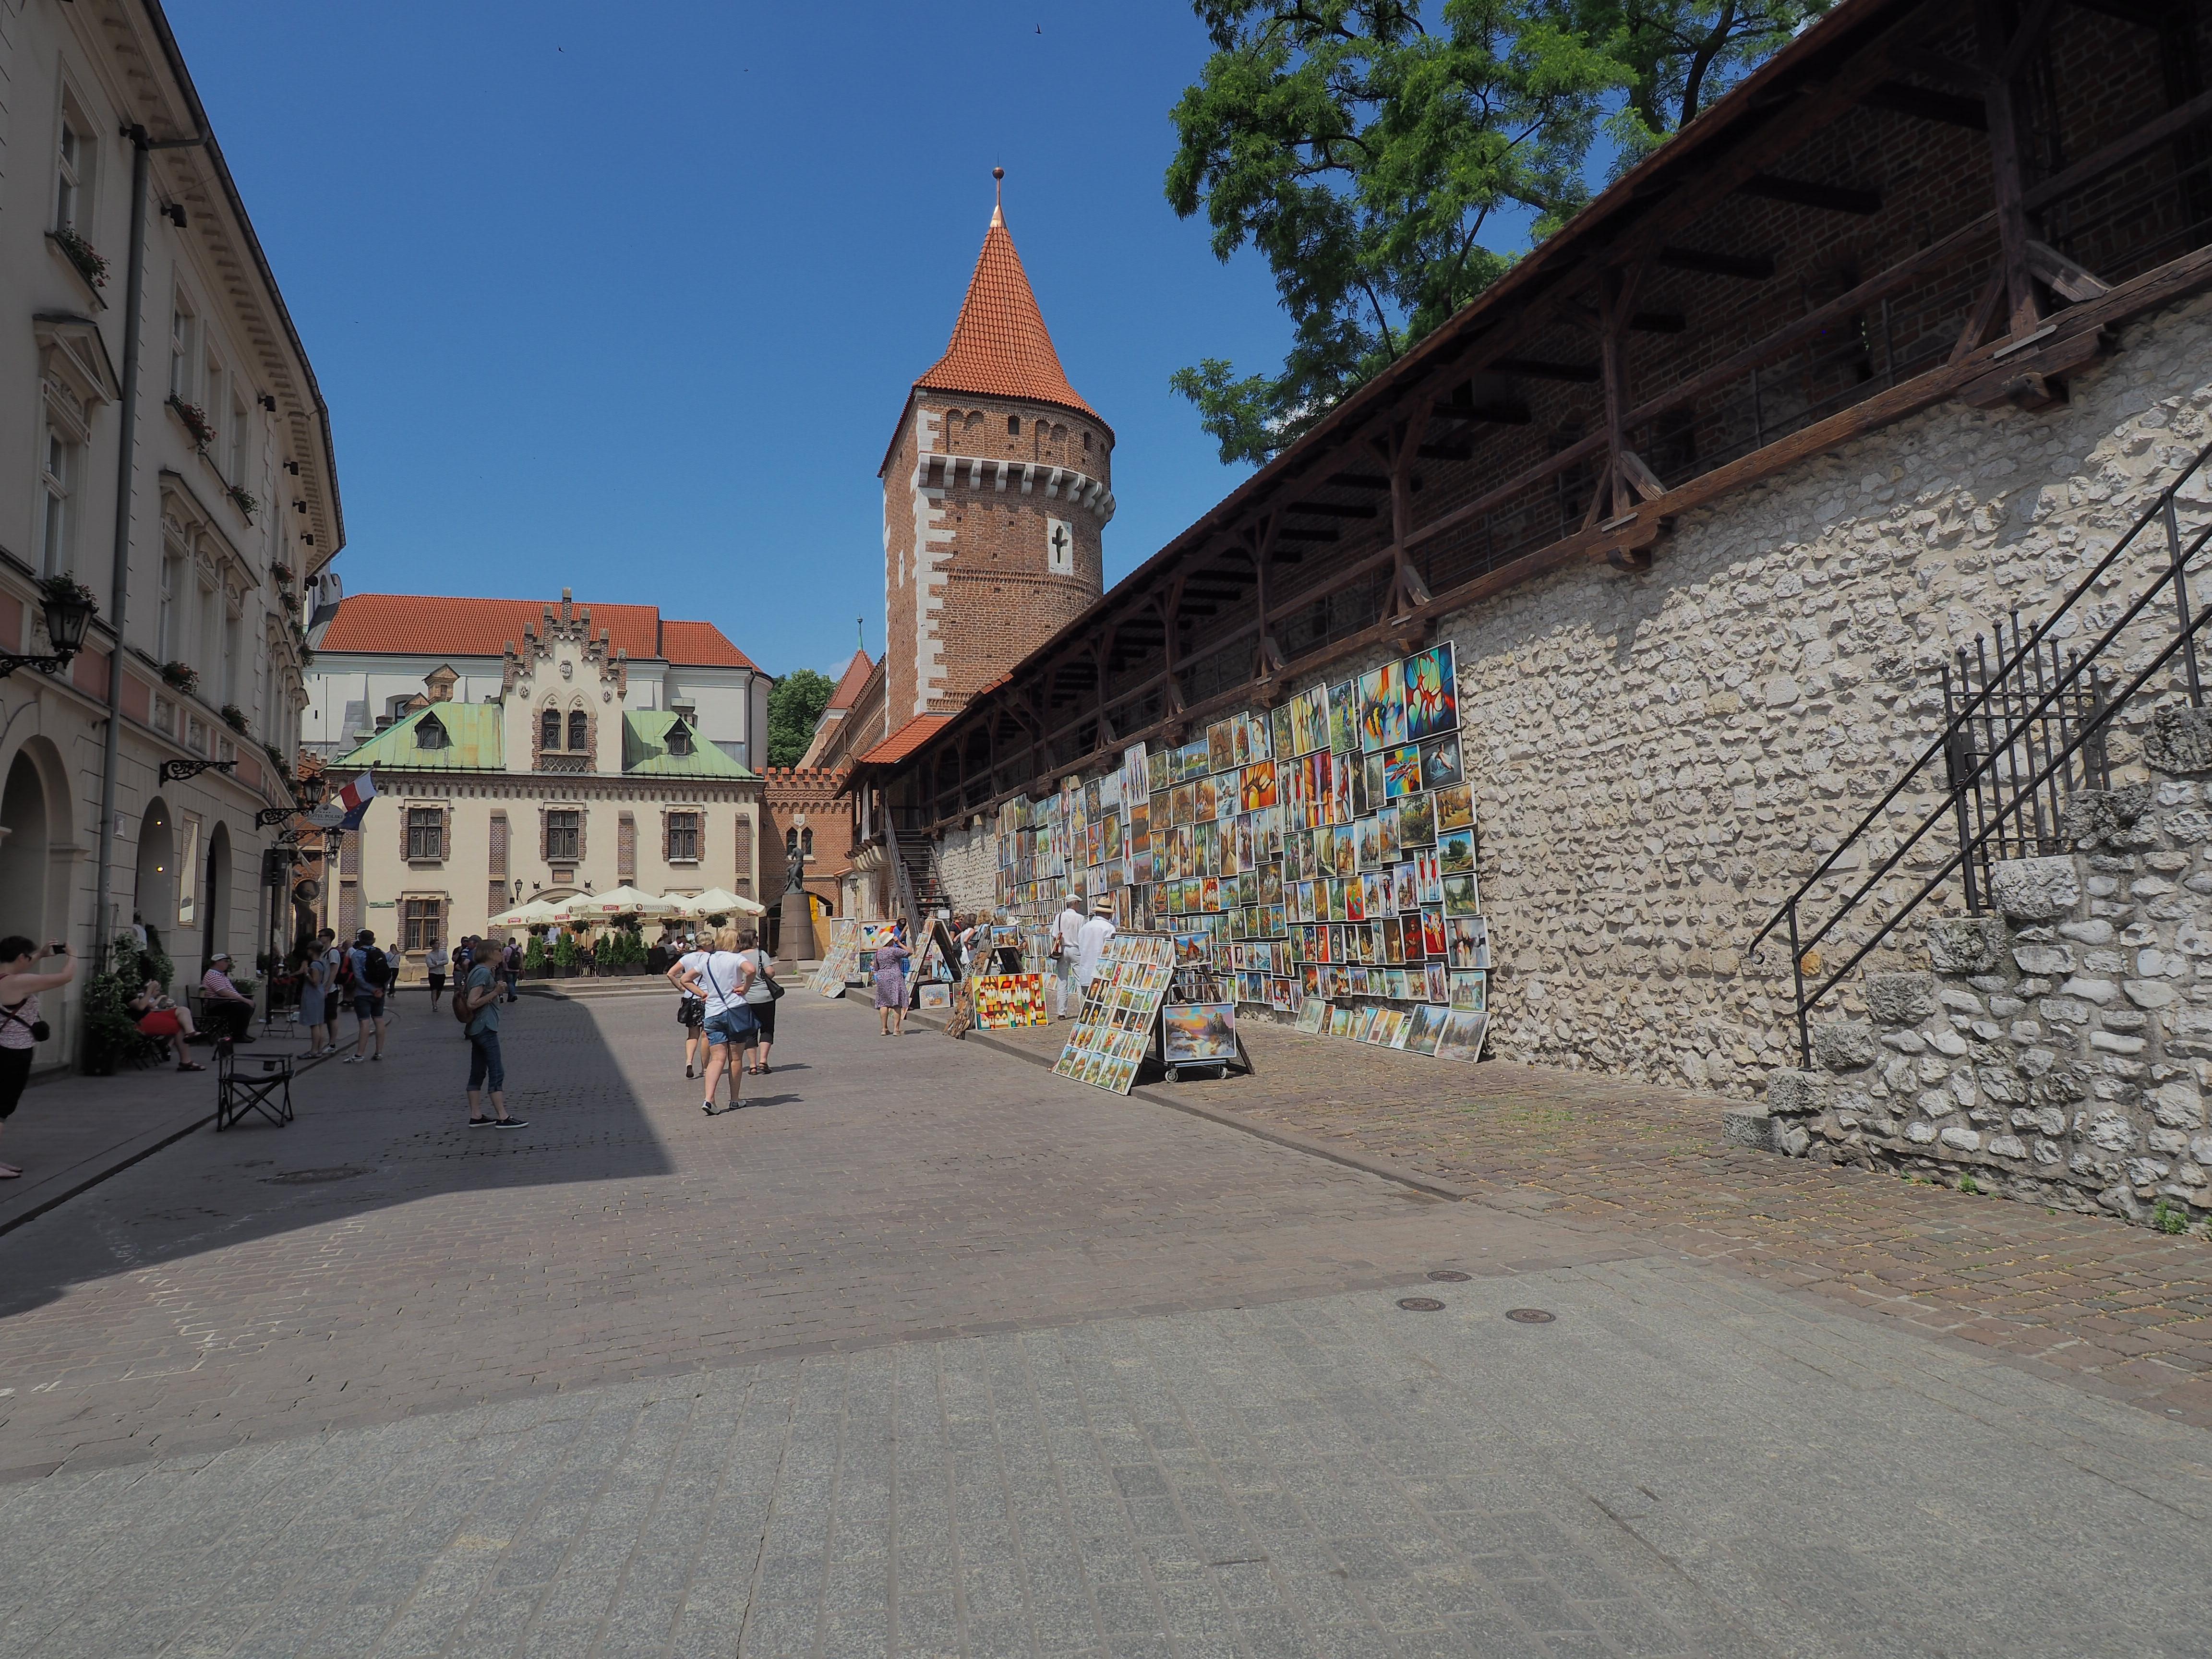 Der Königsweg in Krakau – Quer durch die Altstadt, quer durch die Geschichte